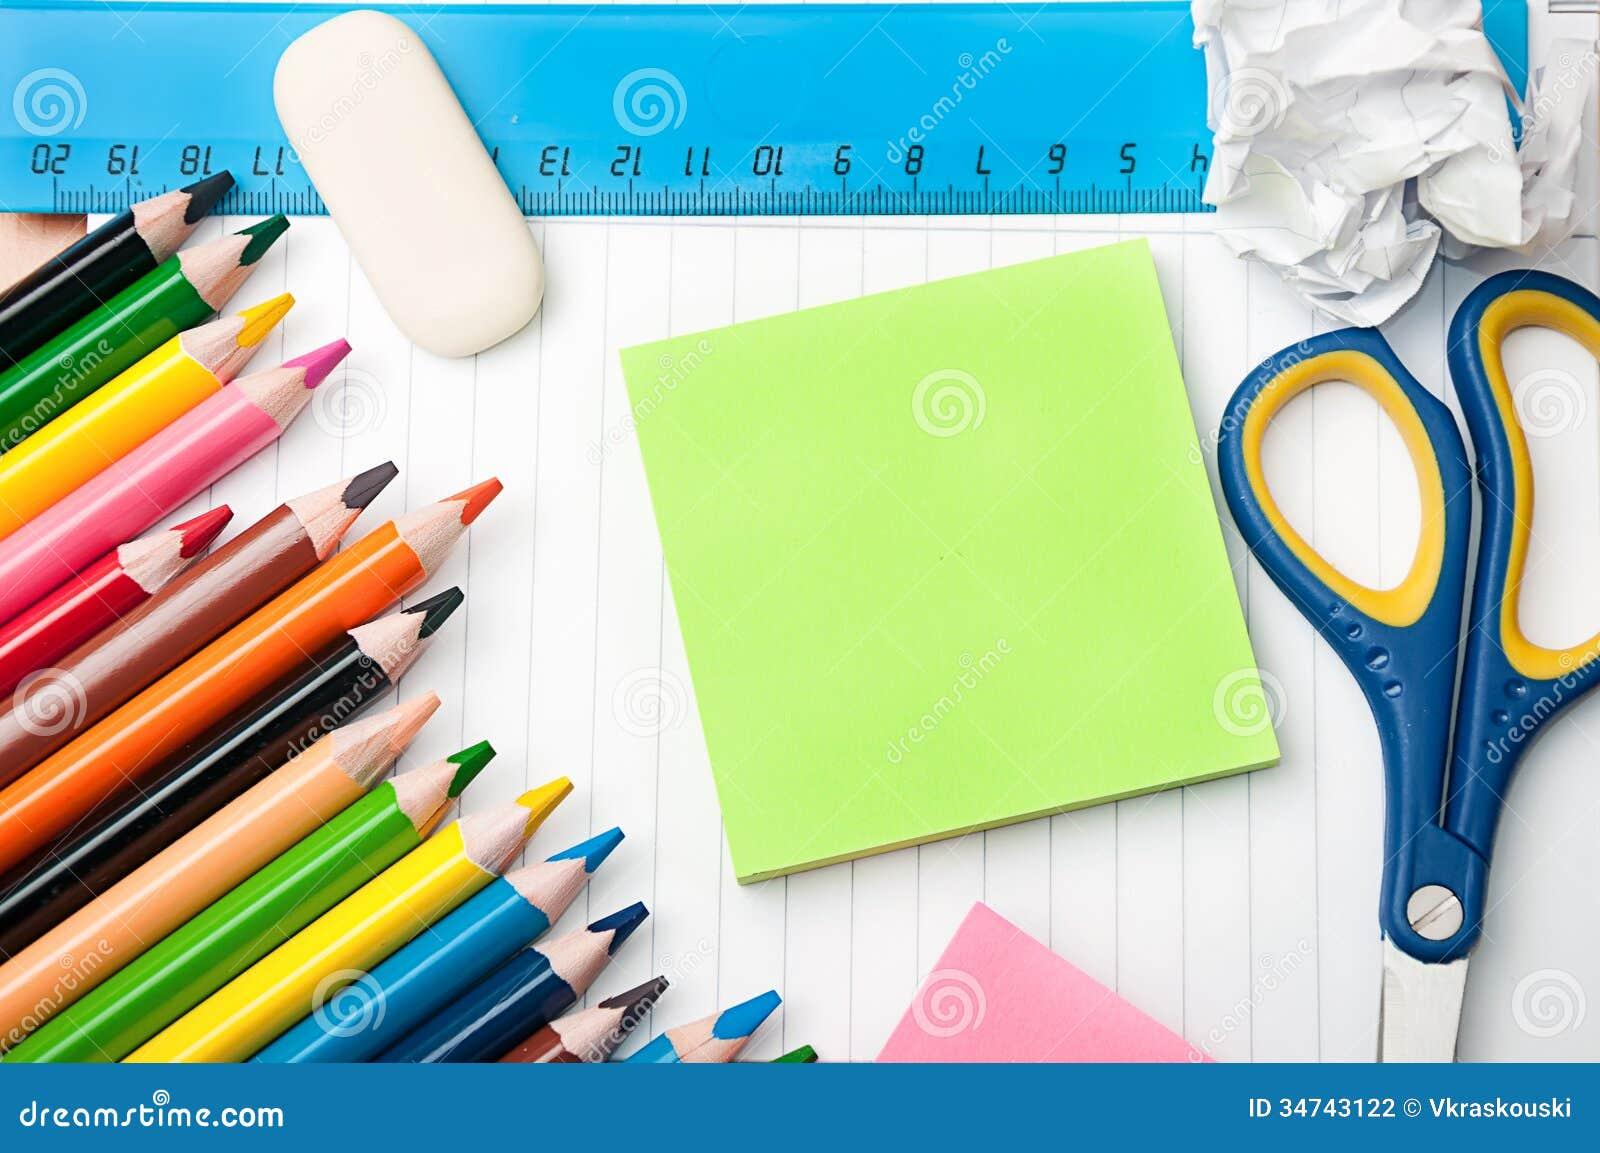 ensemble d 39 outils d 39 cole et de bureau de papeterie photo stock image du cole crayons 34743122. Black Bedroom Furniture Sets. Home Design Ideas